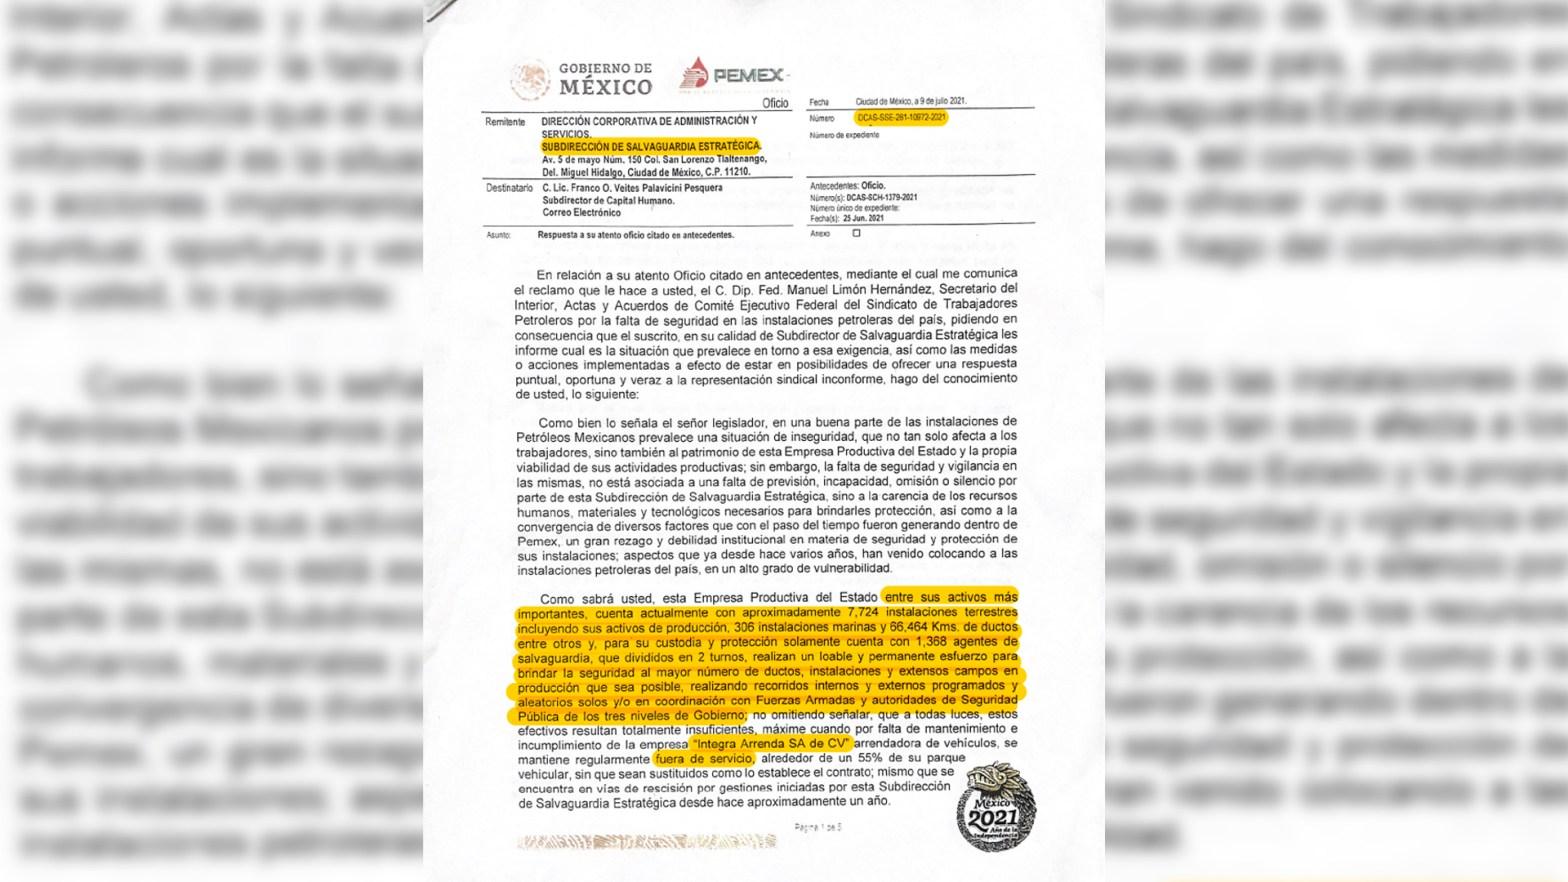 """documento donde se detalla que Petróleos Mexicanos se encuentra en """"un alto grado de vulnerabilidad"""" ante el crimen organizado"""